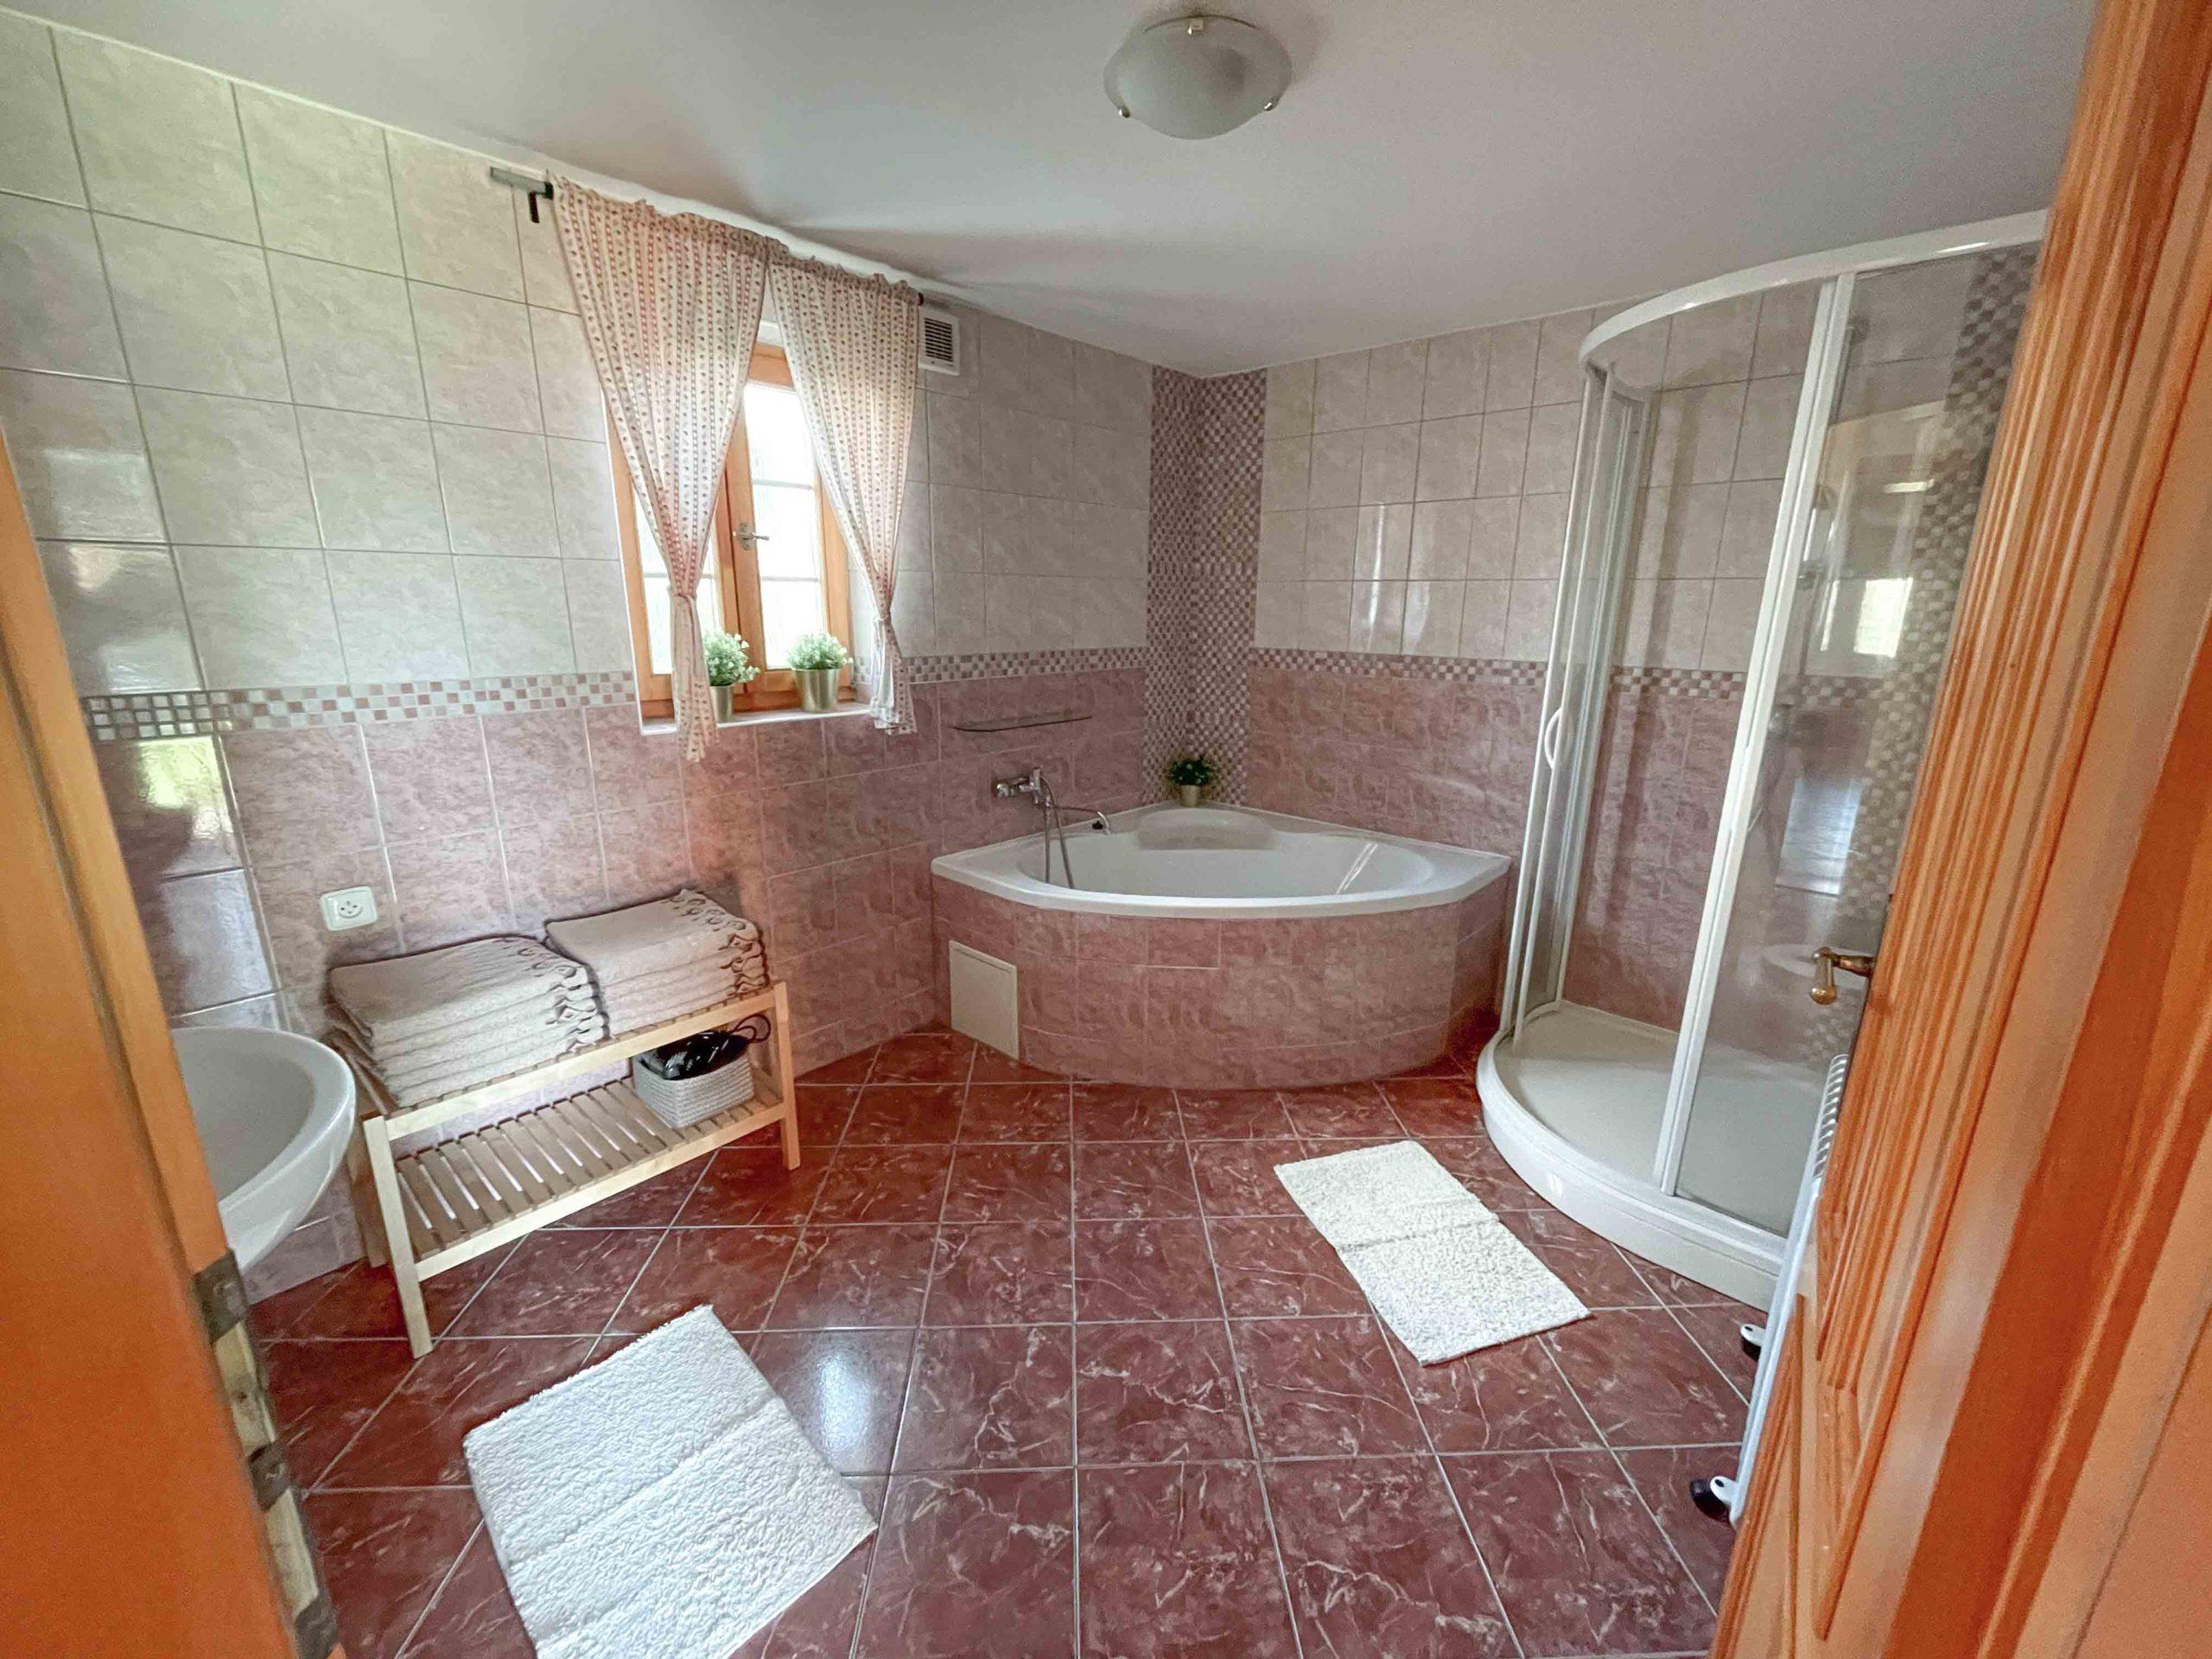 V koupelně se nachází rohová vana, sprchový kout, umyvadlo se zrcadlem a topení na ručníky. Celá koupelna je pak vytápěná podlahovým vytápěním.